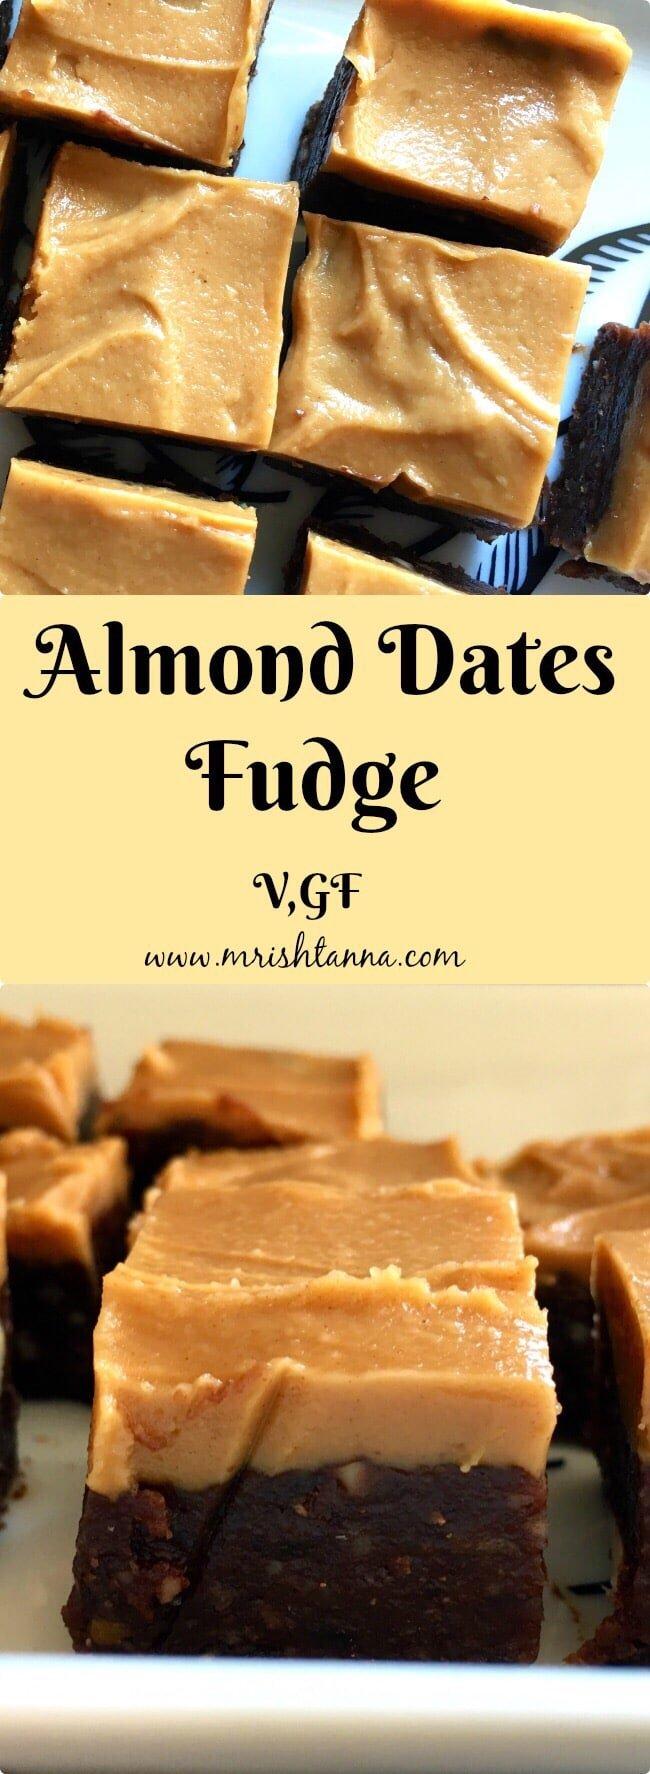 Almond Dates Fudge